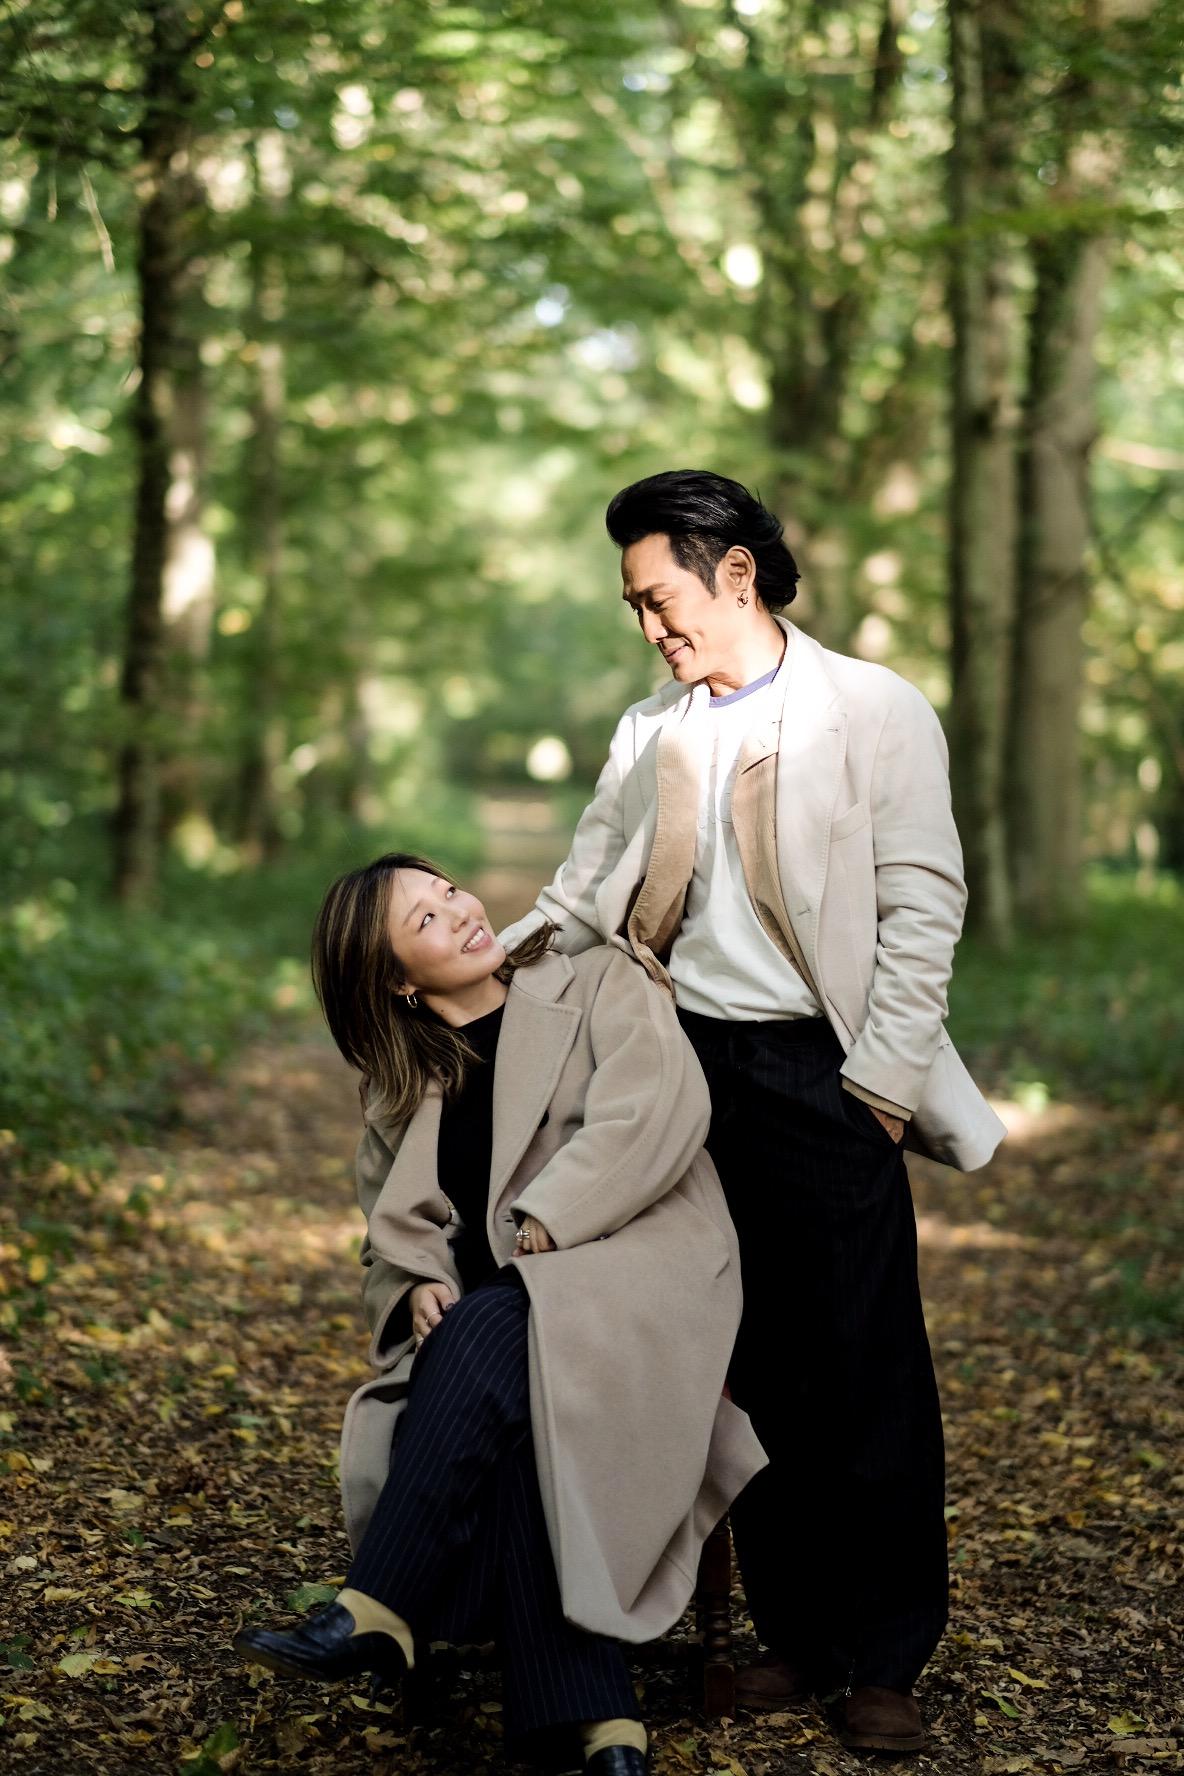 杜德伟伴爱妻散步巴黎 绅士雅痞显成熟魅力